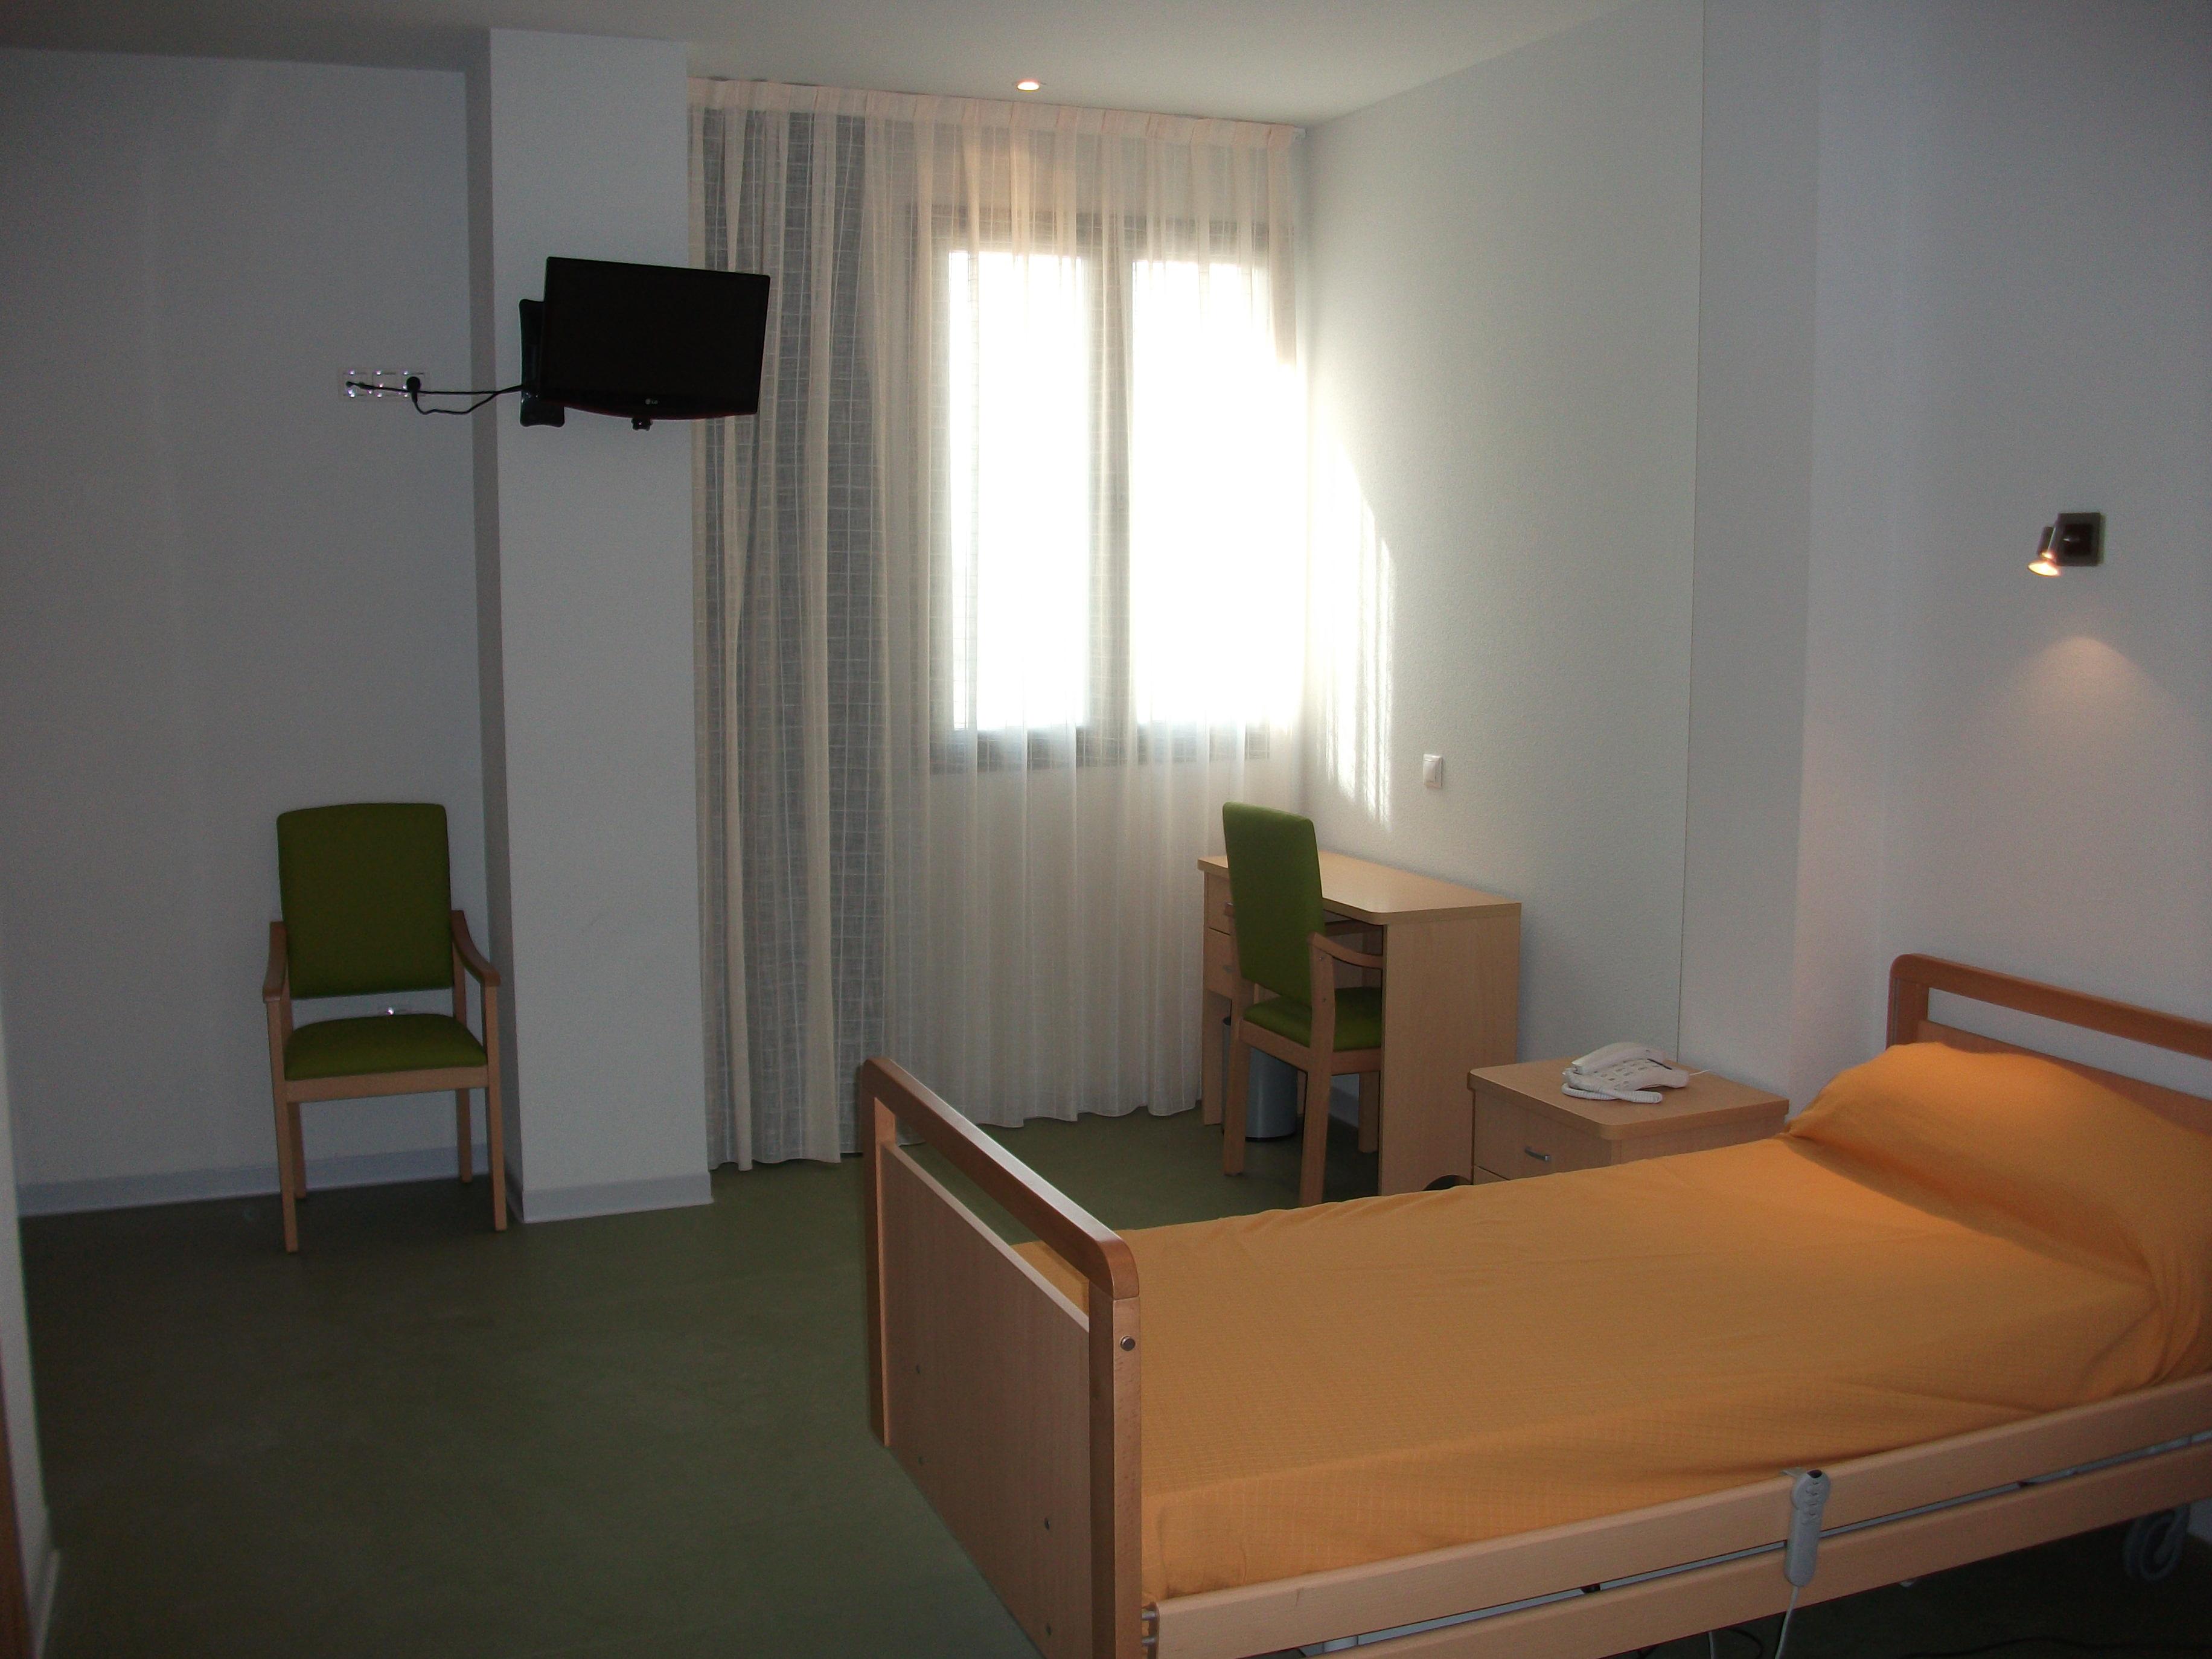 Residencia_Geriatel_Rivas_Habitación_2_0rt3ReB